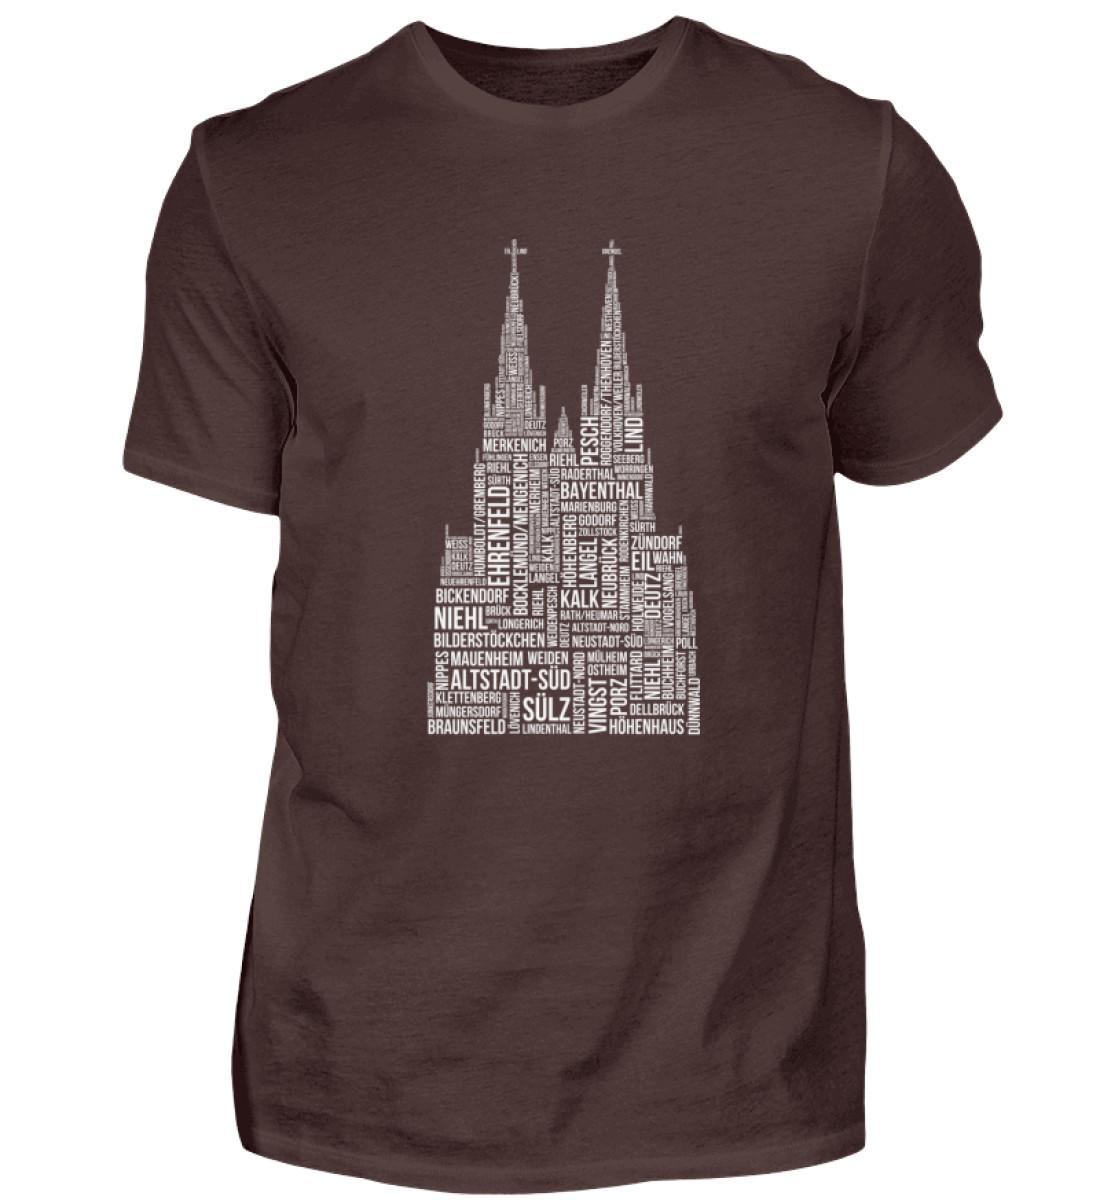 86 Veedel weiß T-Shirt - Herren - Herren Shirt-1074